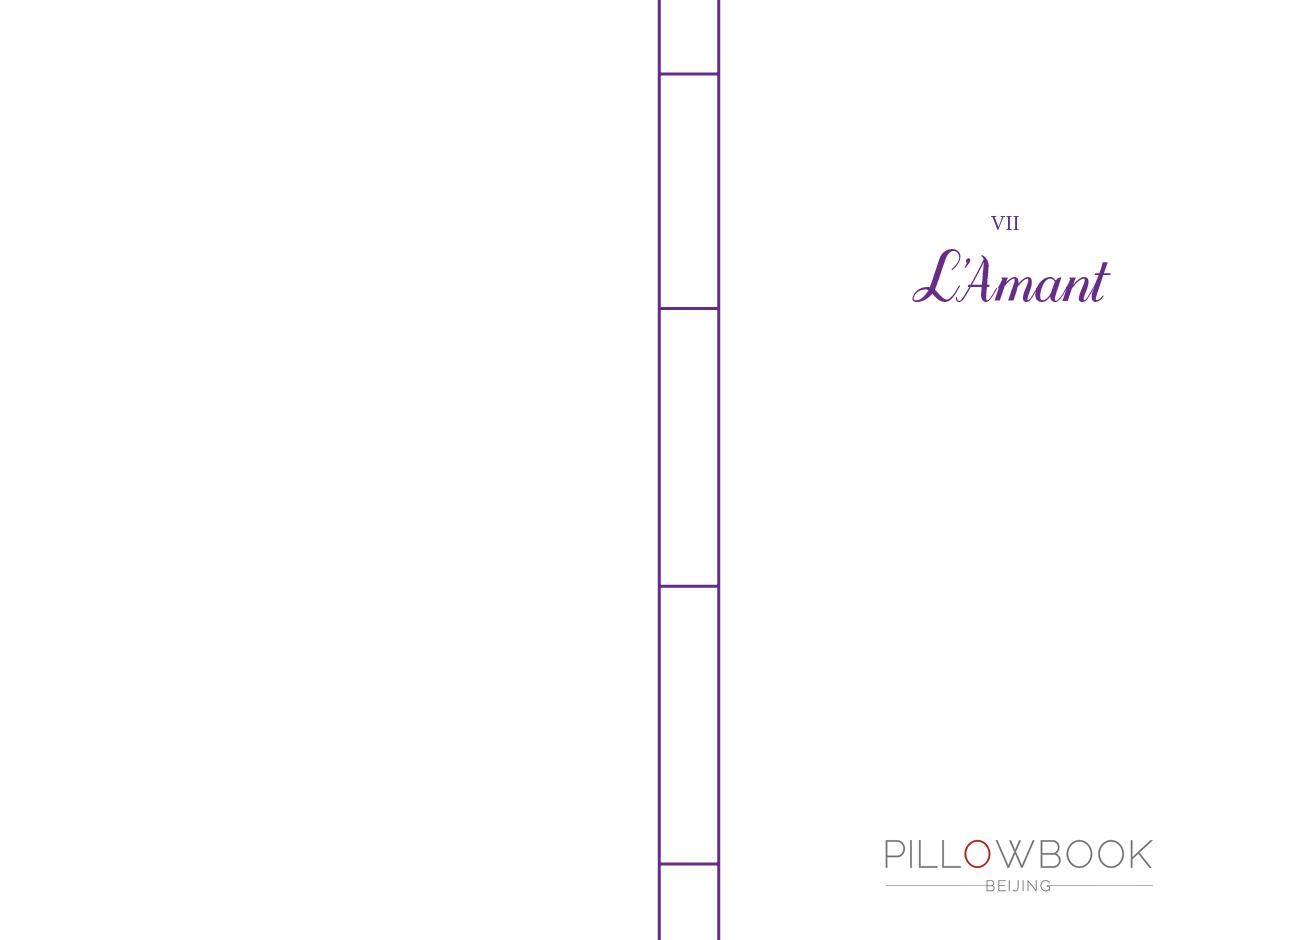 Lookbook_LAmant.jpg